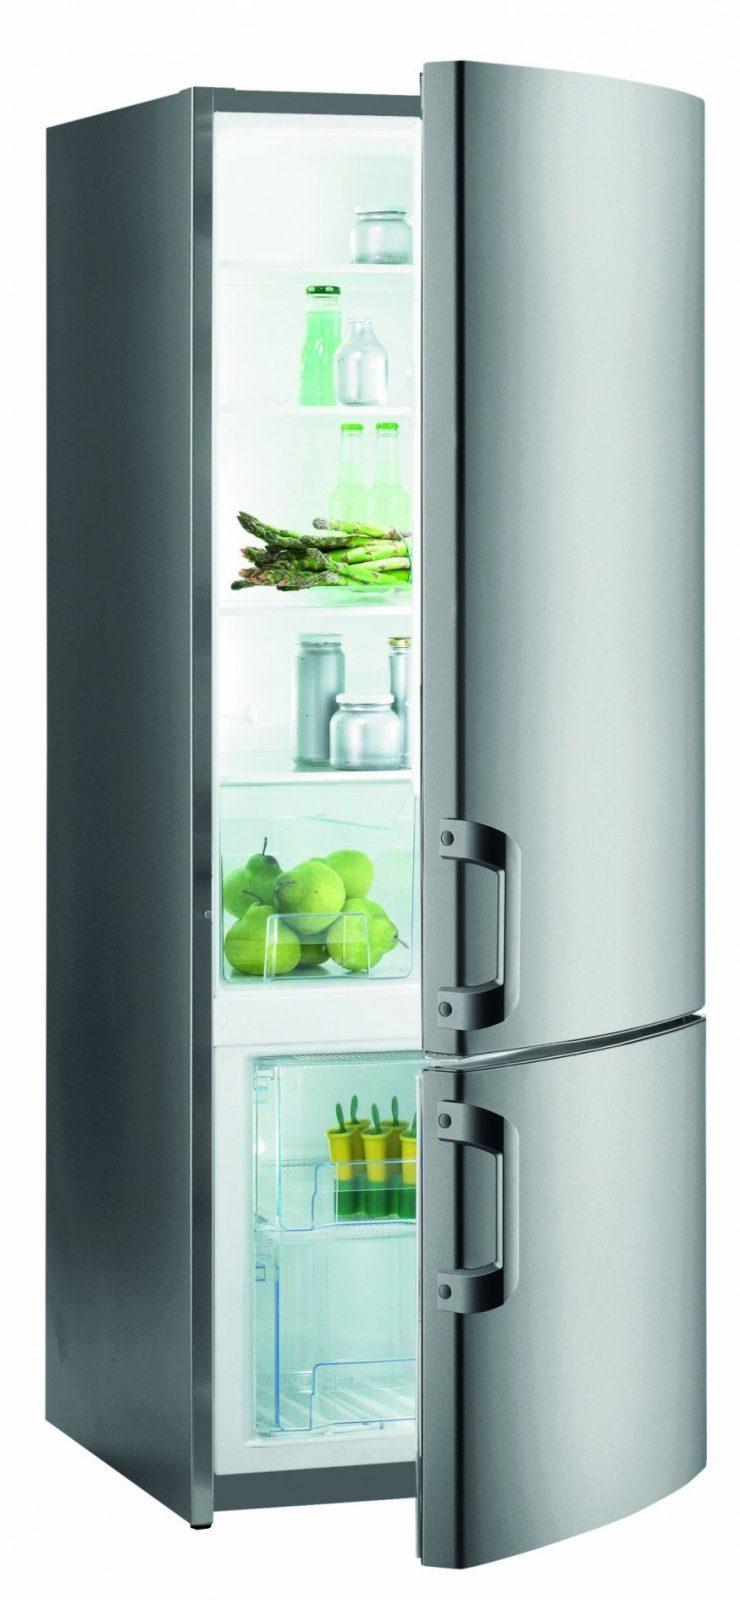 Luxus Kühlschrank 55 Cm Breit Stand Khlen Und Gefrieren Gorenje von Kühlschrank 55 Cm Breit Bild